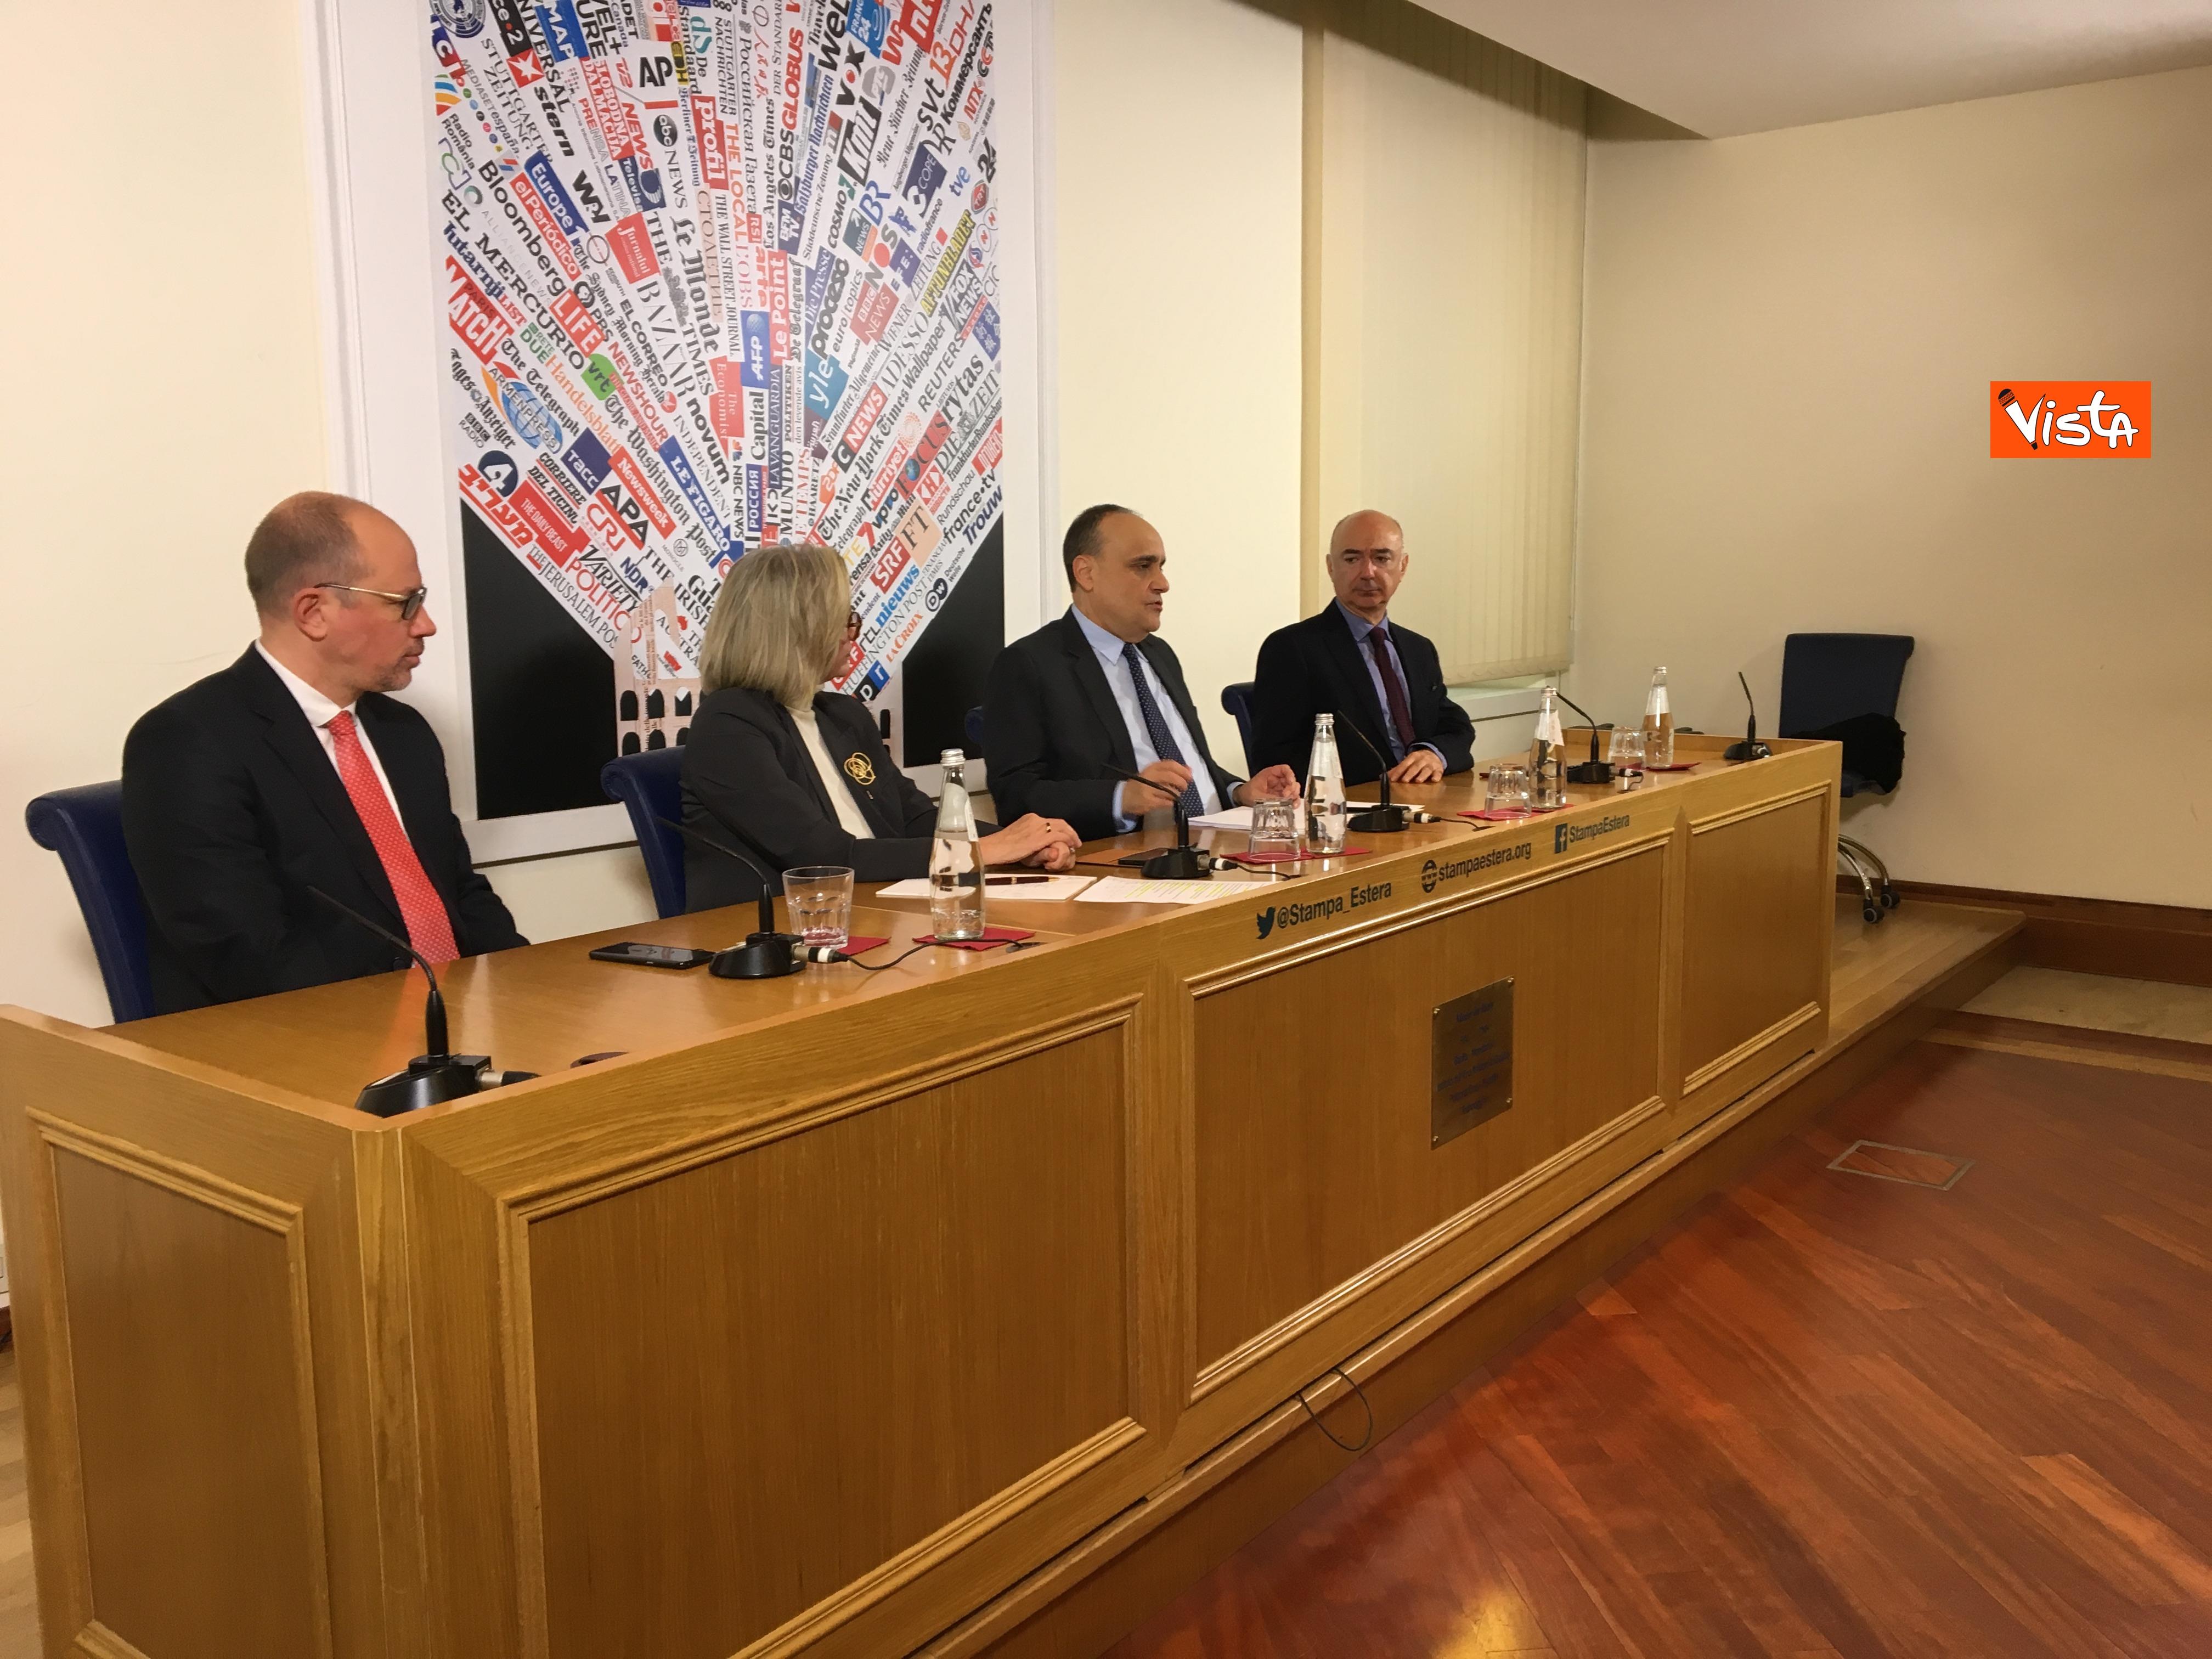 10-01-19 Bonisoli in conferenza stampa alla sede romana della stampa estera immagini